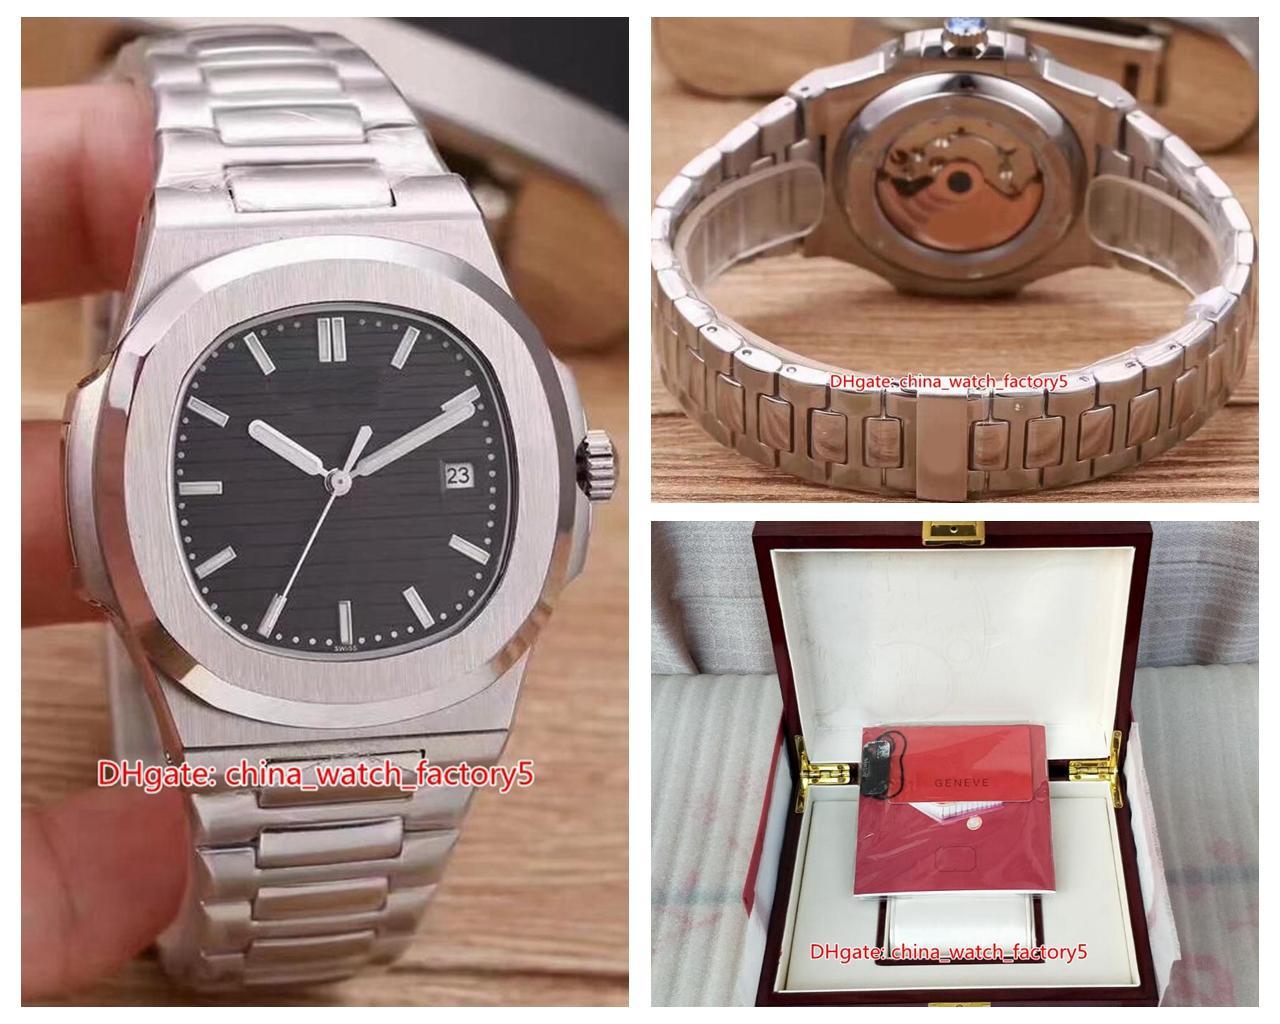 20 스타일 높은 품질 시계 클래식 40.5mm PP 노틸러스 5711 / 1A 010 아시아 투명 기계 자동 남성 남자 시계와 상자 논문